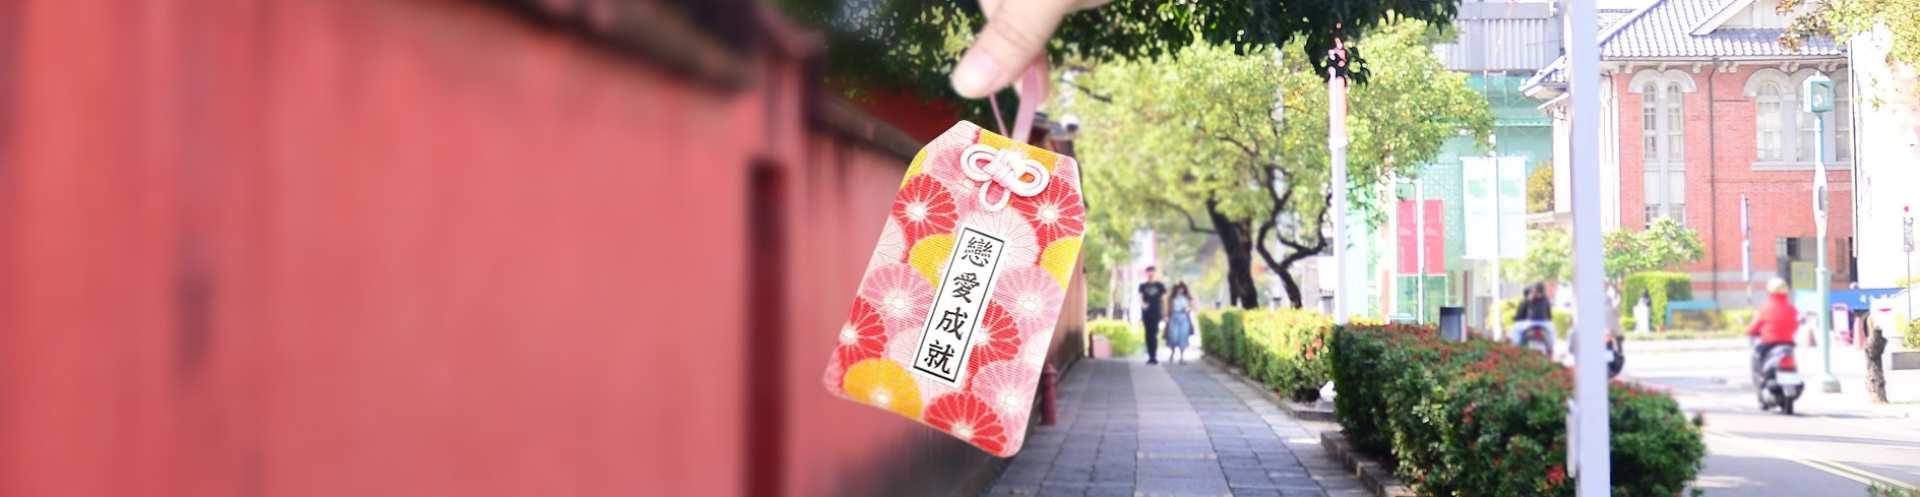 【台南獨特新體驗】月老廟參拜半日遊